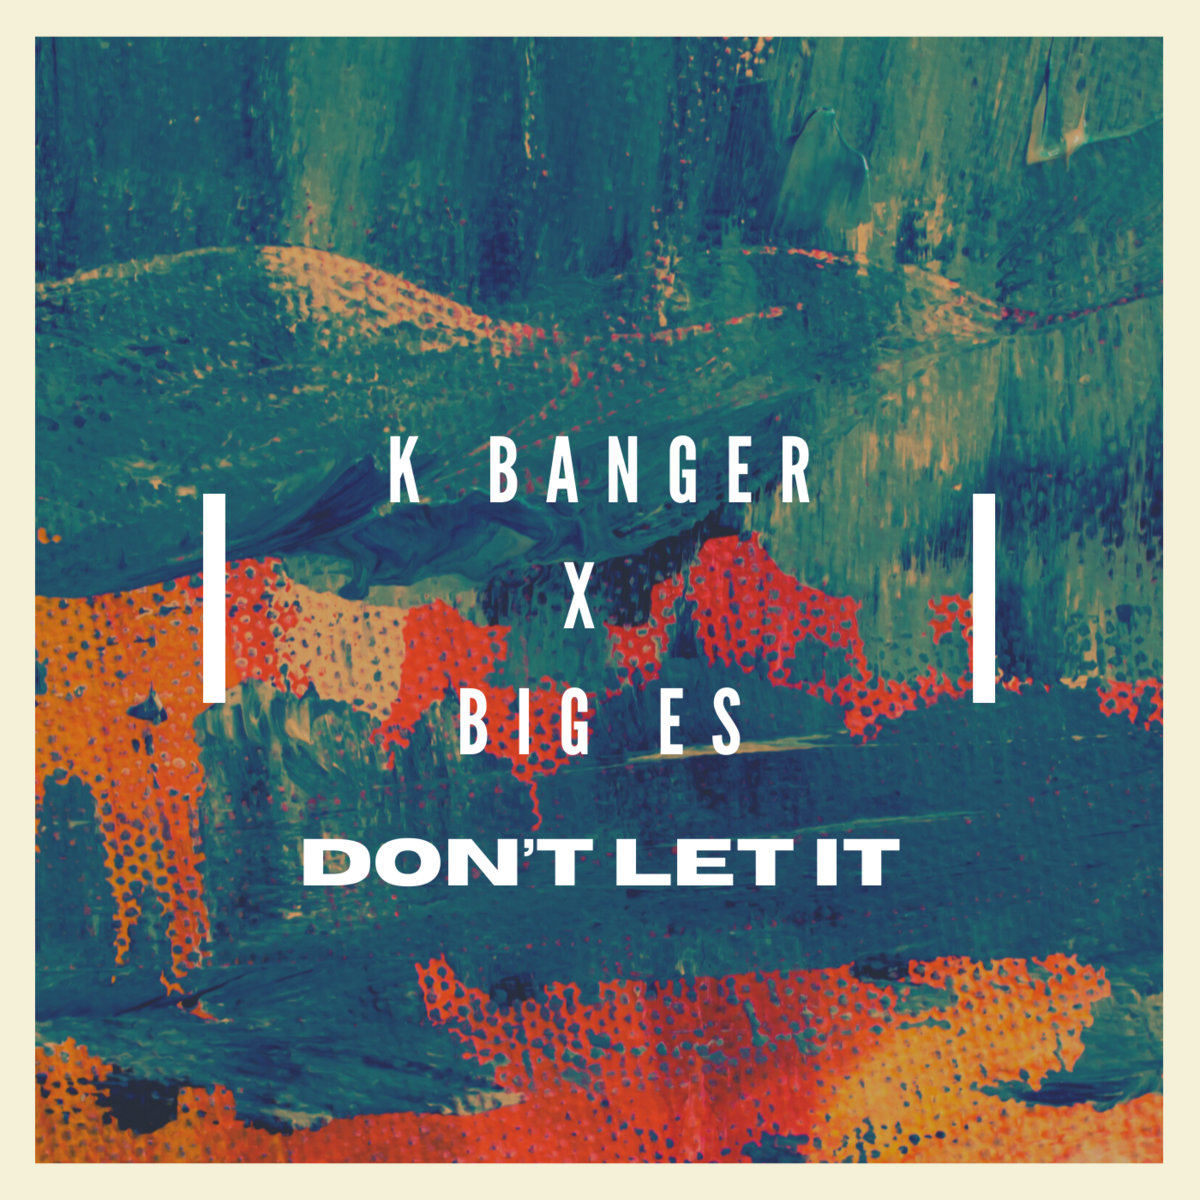 Don't Let It by K Banger